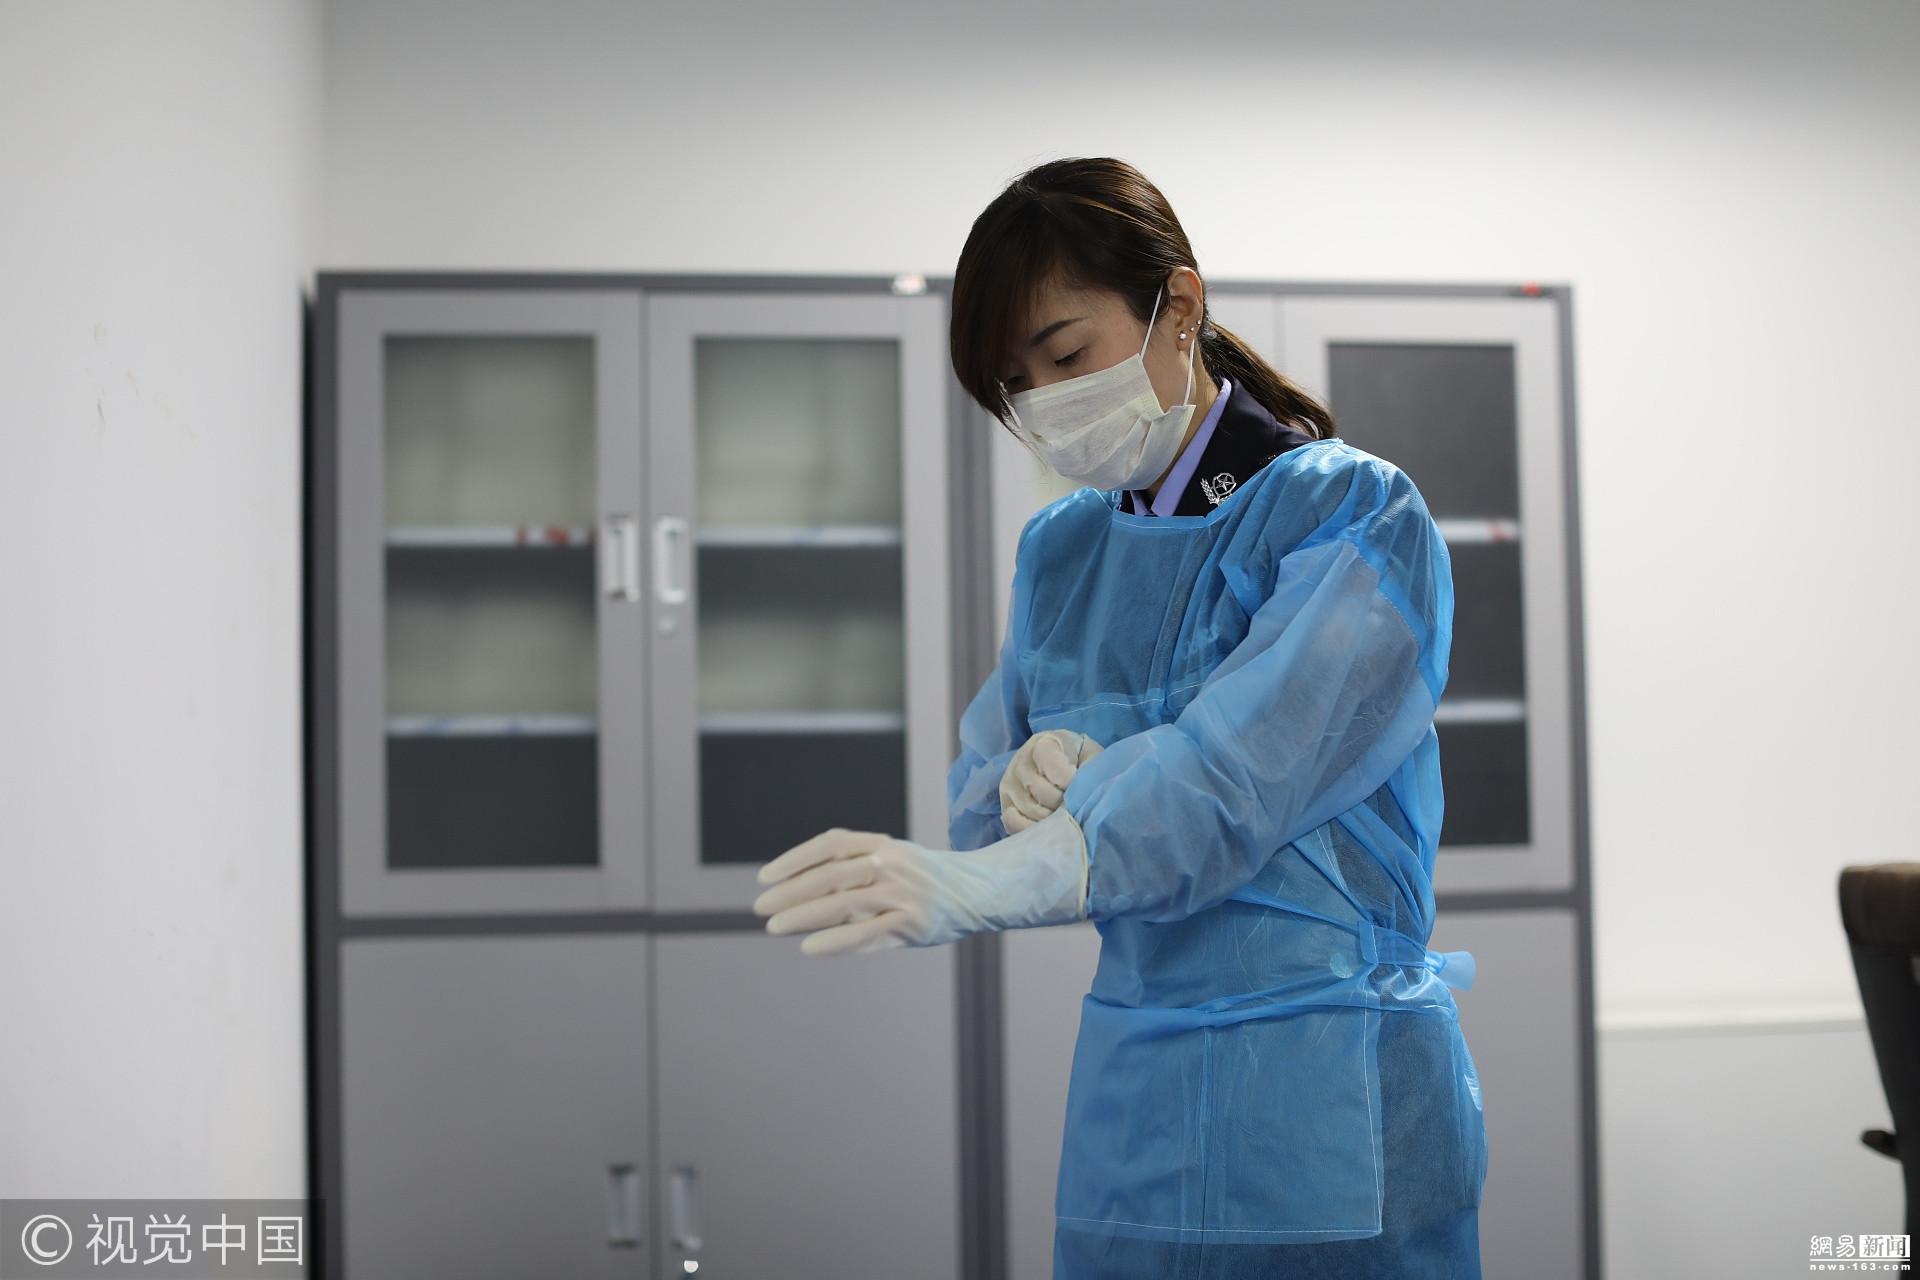 女尸体解剖 在四平市公安司法鉴定中心有一位叫张晓莹的女警,她的职业特殊,与全省法医相比较,她又属于独一无二——病理(现场)女法医,工作中竟是做尸体检验及解剖等工作。